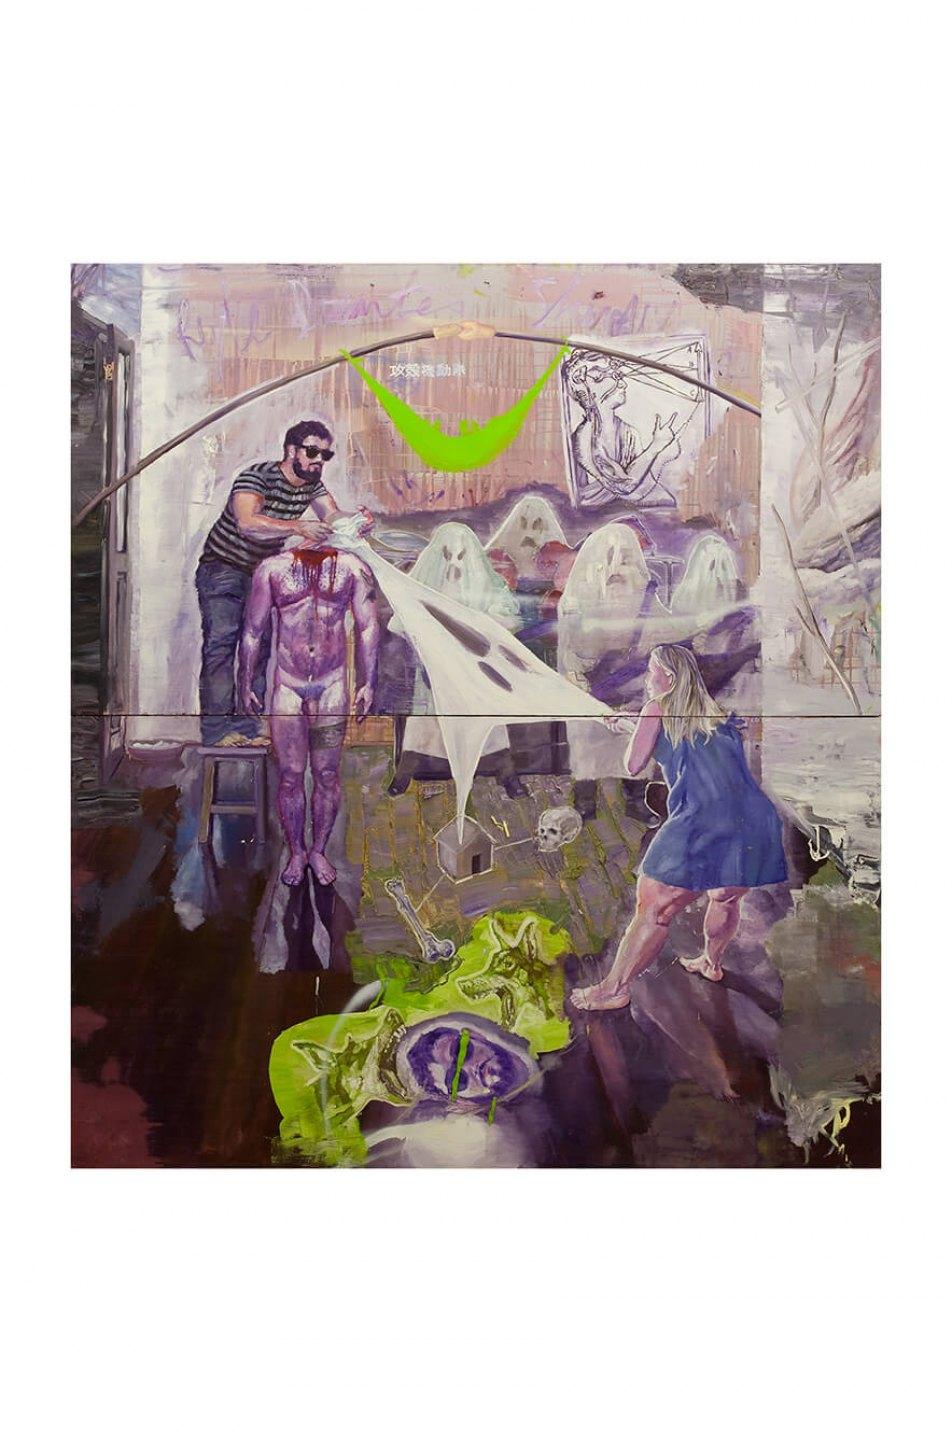 Thiago Martins de Melo,&nbsp;<em>O Fantasma na Máquina, após Ryle, Descartes e Shirow</em>,&nbsp;2010, oil on canvas, 200&nbsp;×&nbsp;180 cm - Mendes Wood DM